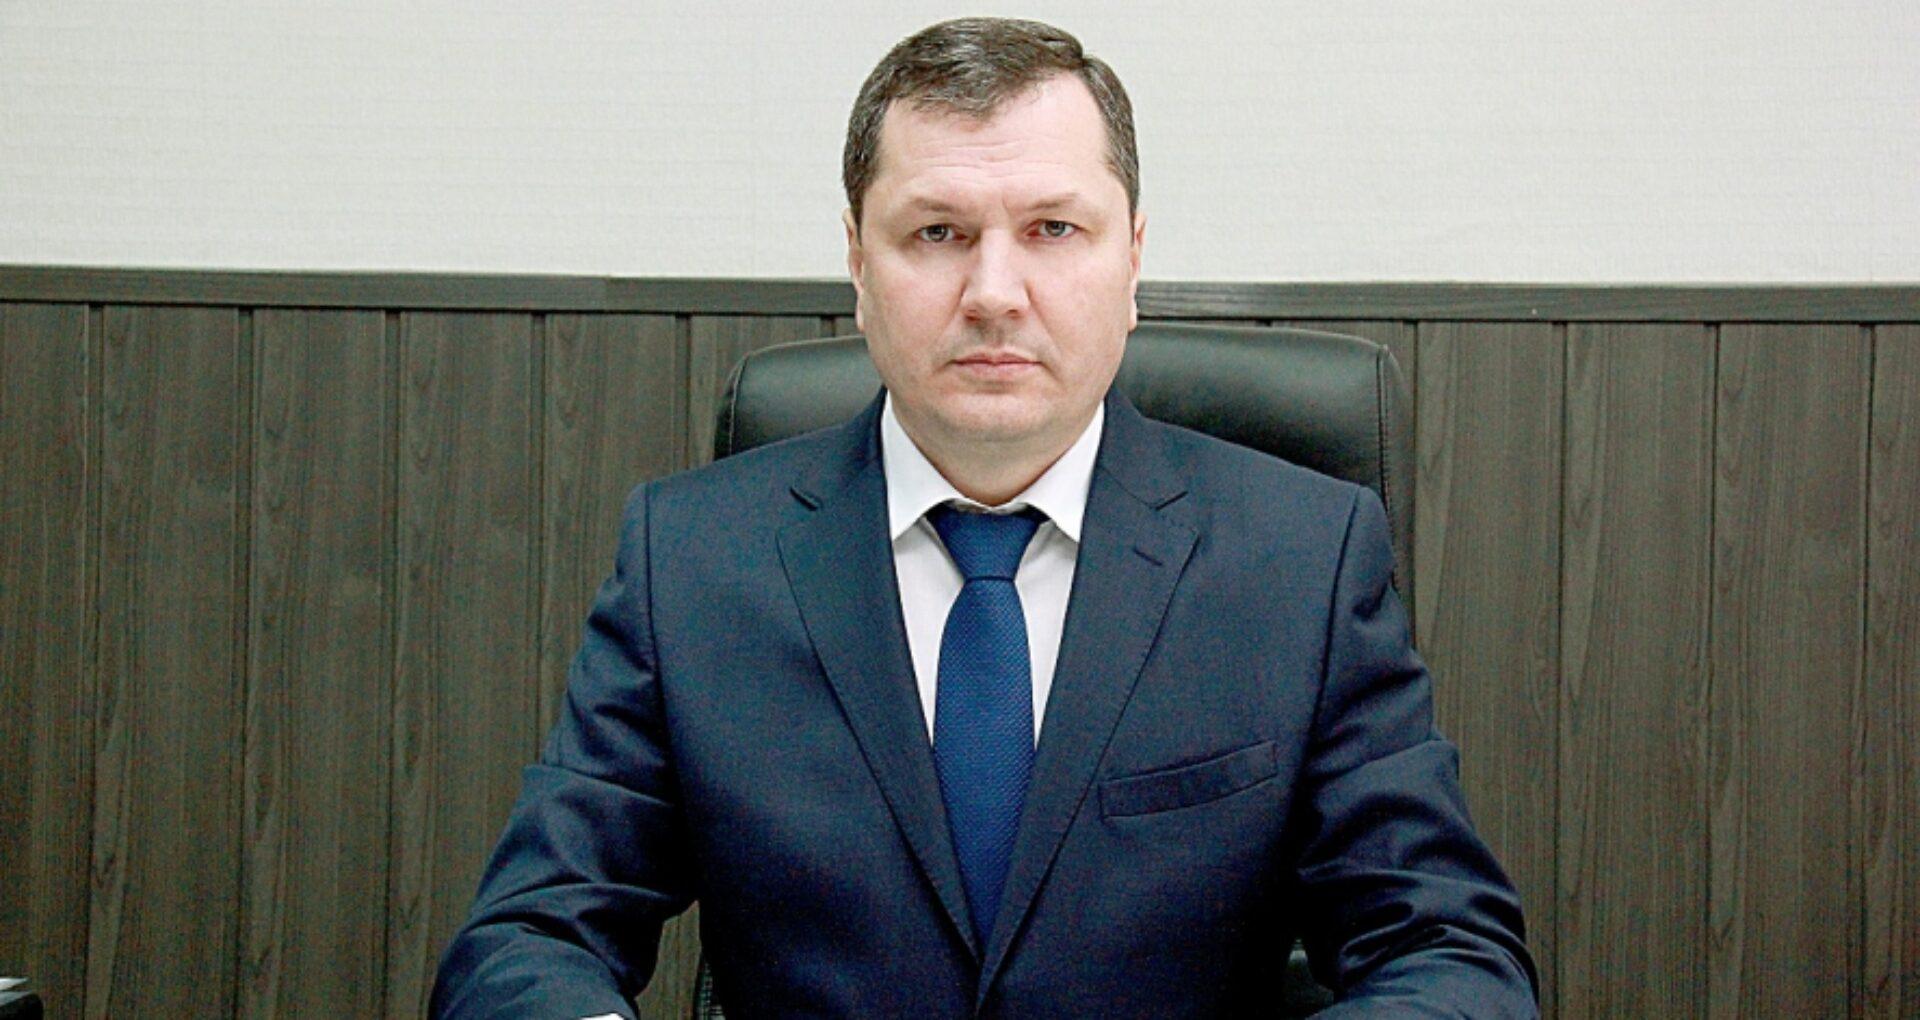 Noul ministru al Finanţelor, Serghei Puşcuţa, acuzat de îmbogățire ilicită, scheme de corupție şi evaziune fiscală